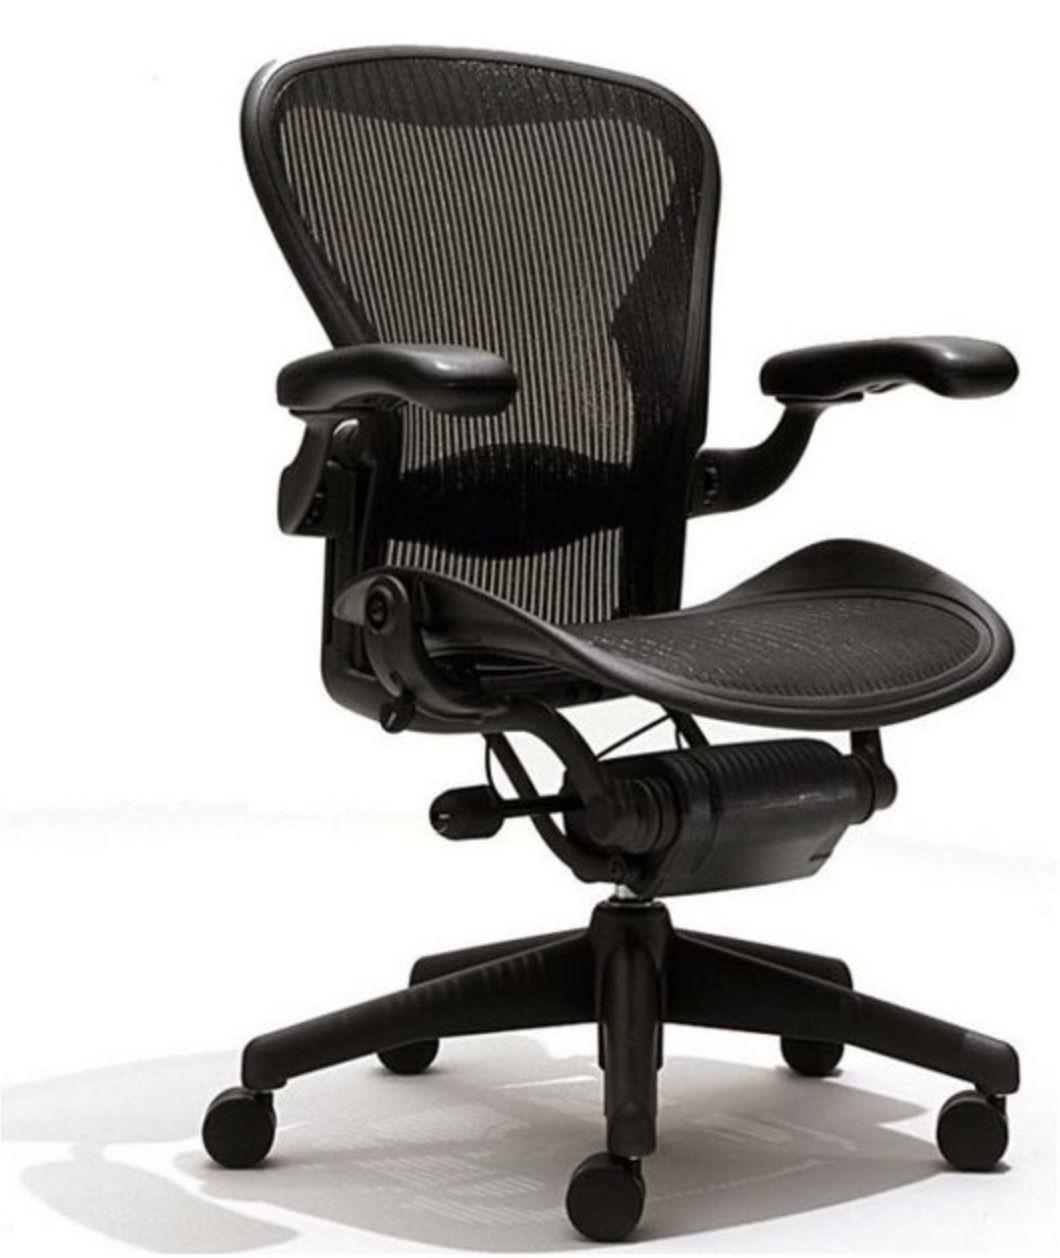 Aeron Chair Have It My Fav Office Chair Cheap Office Chairs Best Office Chair